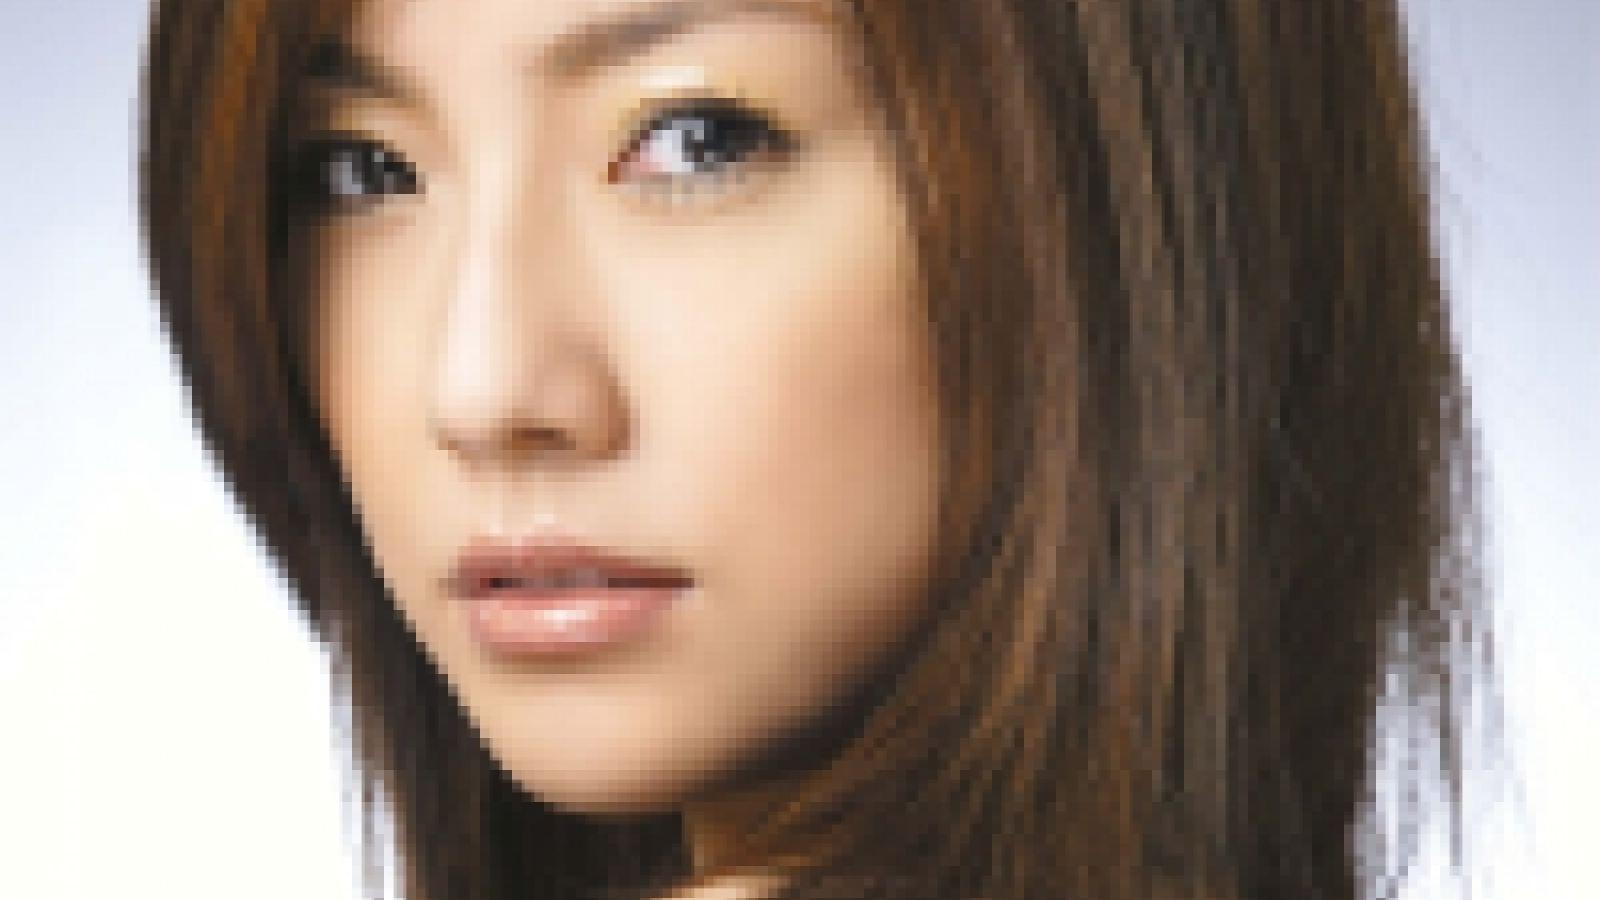 Hitomi Shimatani - Otoko uta~cover song collection~ © Avex Entertainment Inc. / e-talentbank